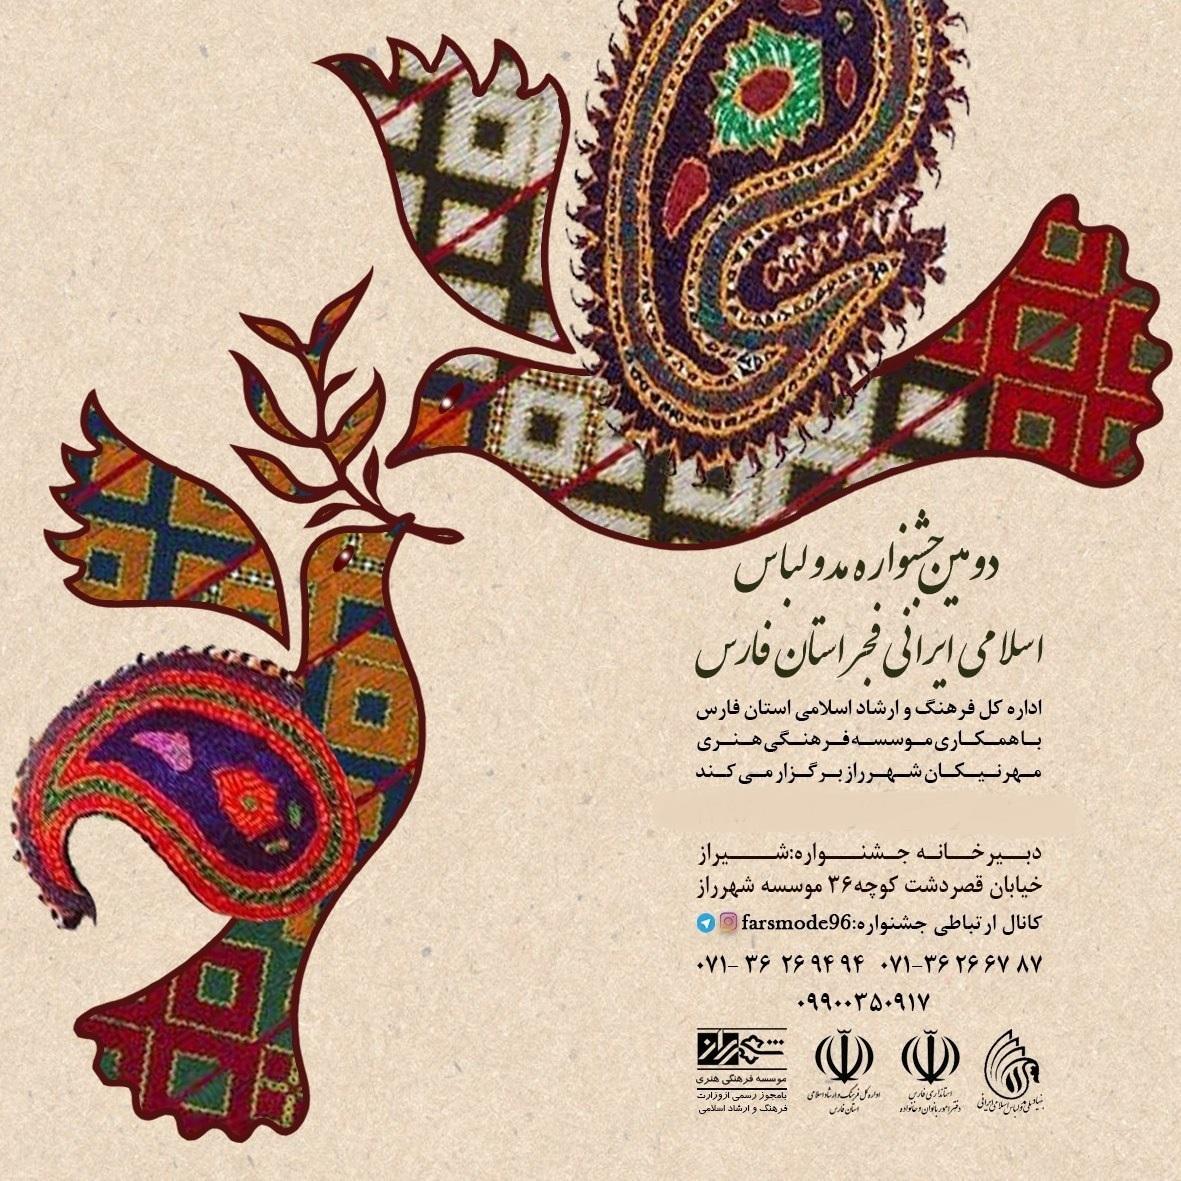 جشنواره مد و لباس فجر فارس پلمب شد